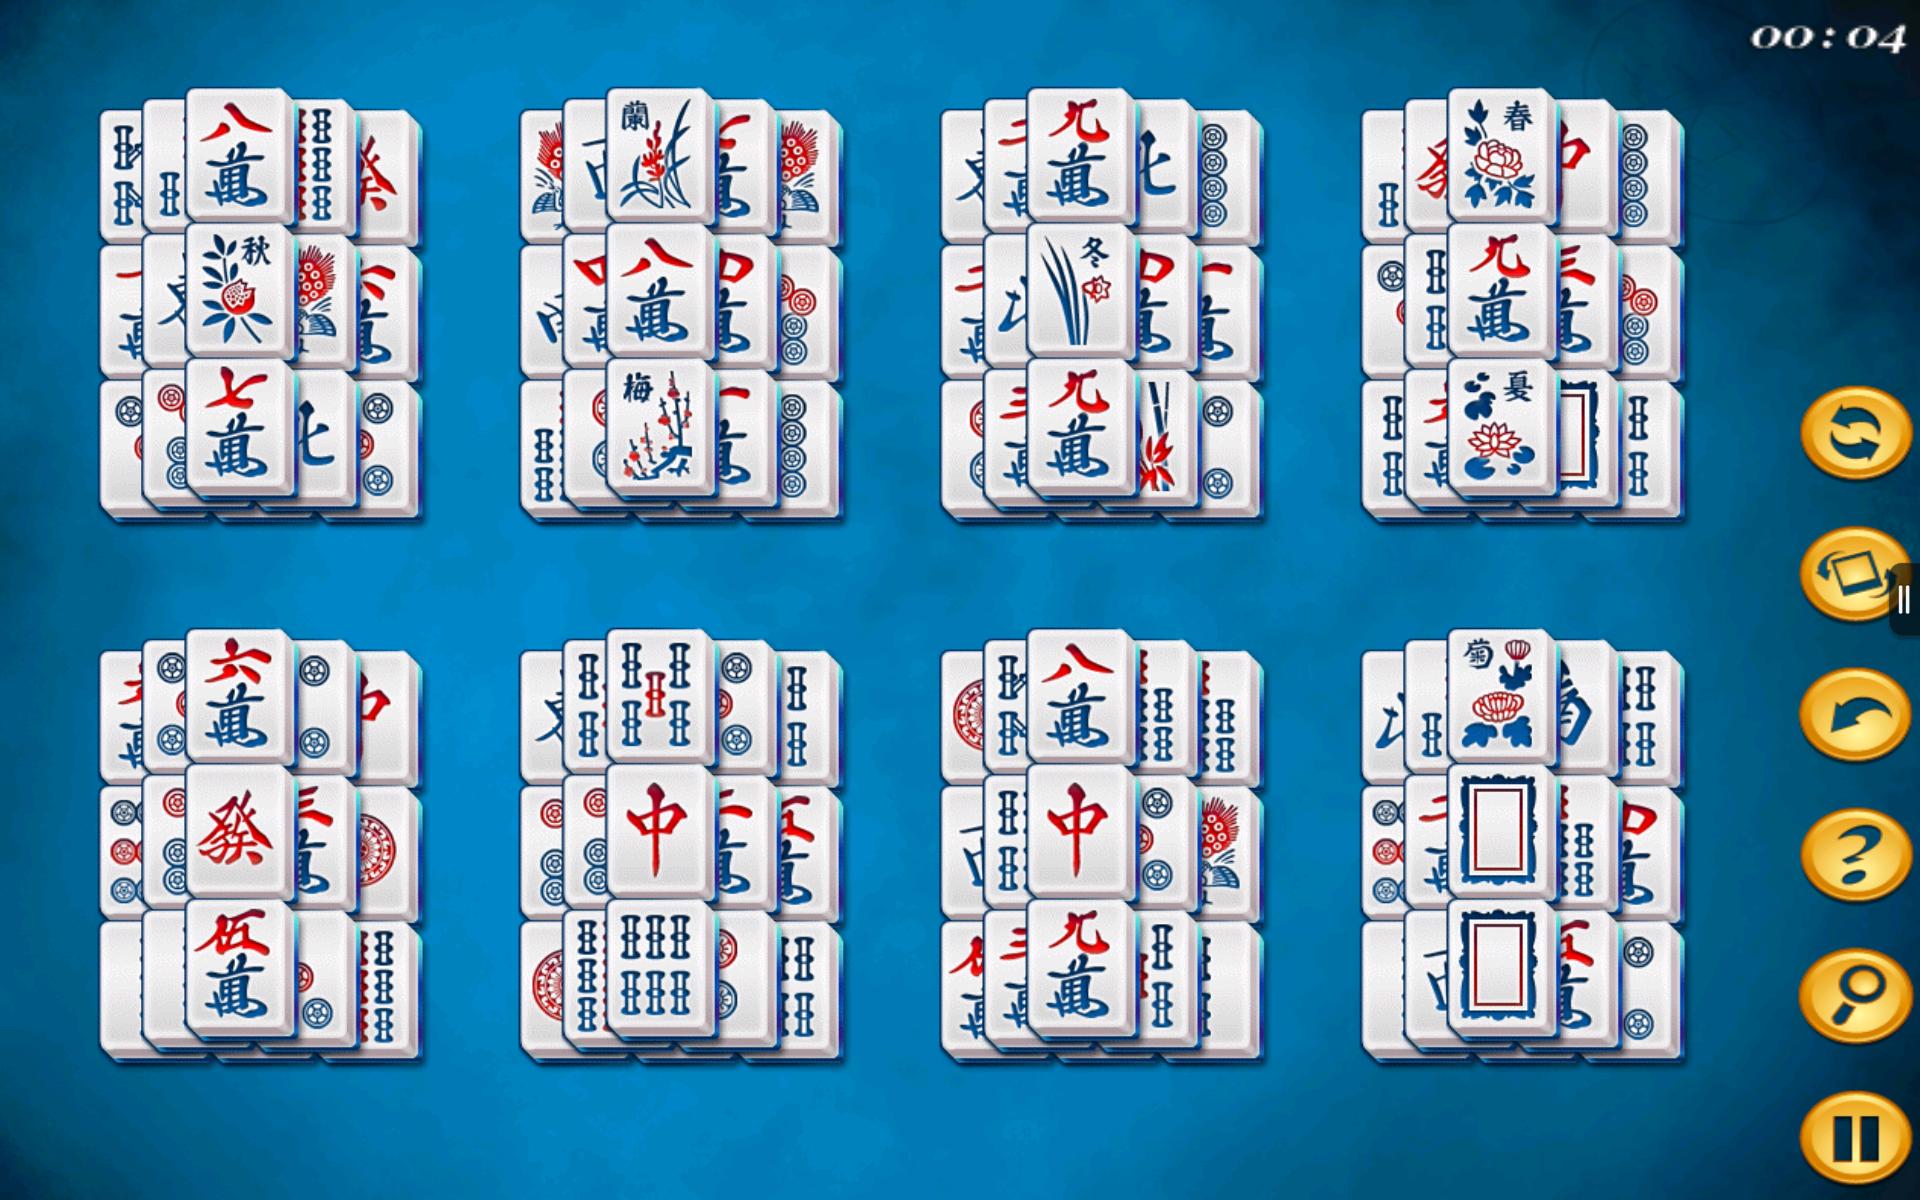 Küchen Mahjong